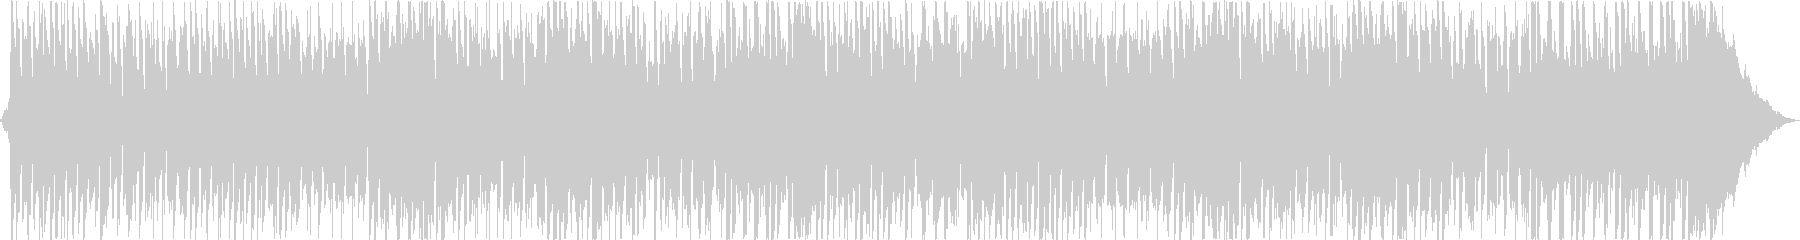 のんきなオバケ、コミカル/ハロウィンの未再生の波形